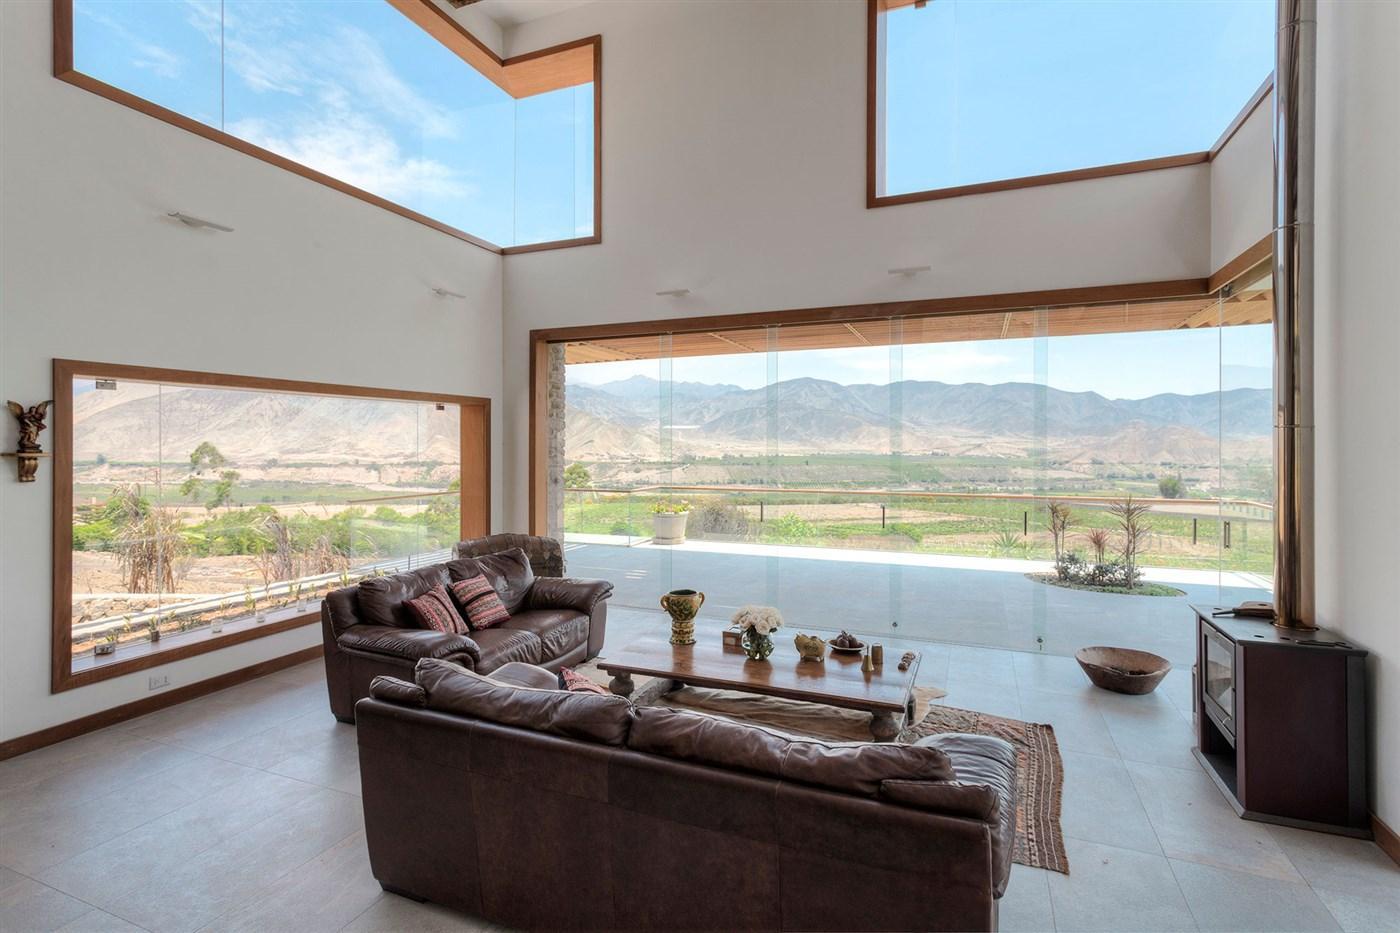 cozy house interior, living room design ideas